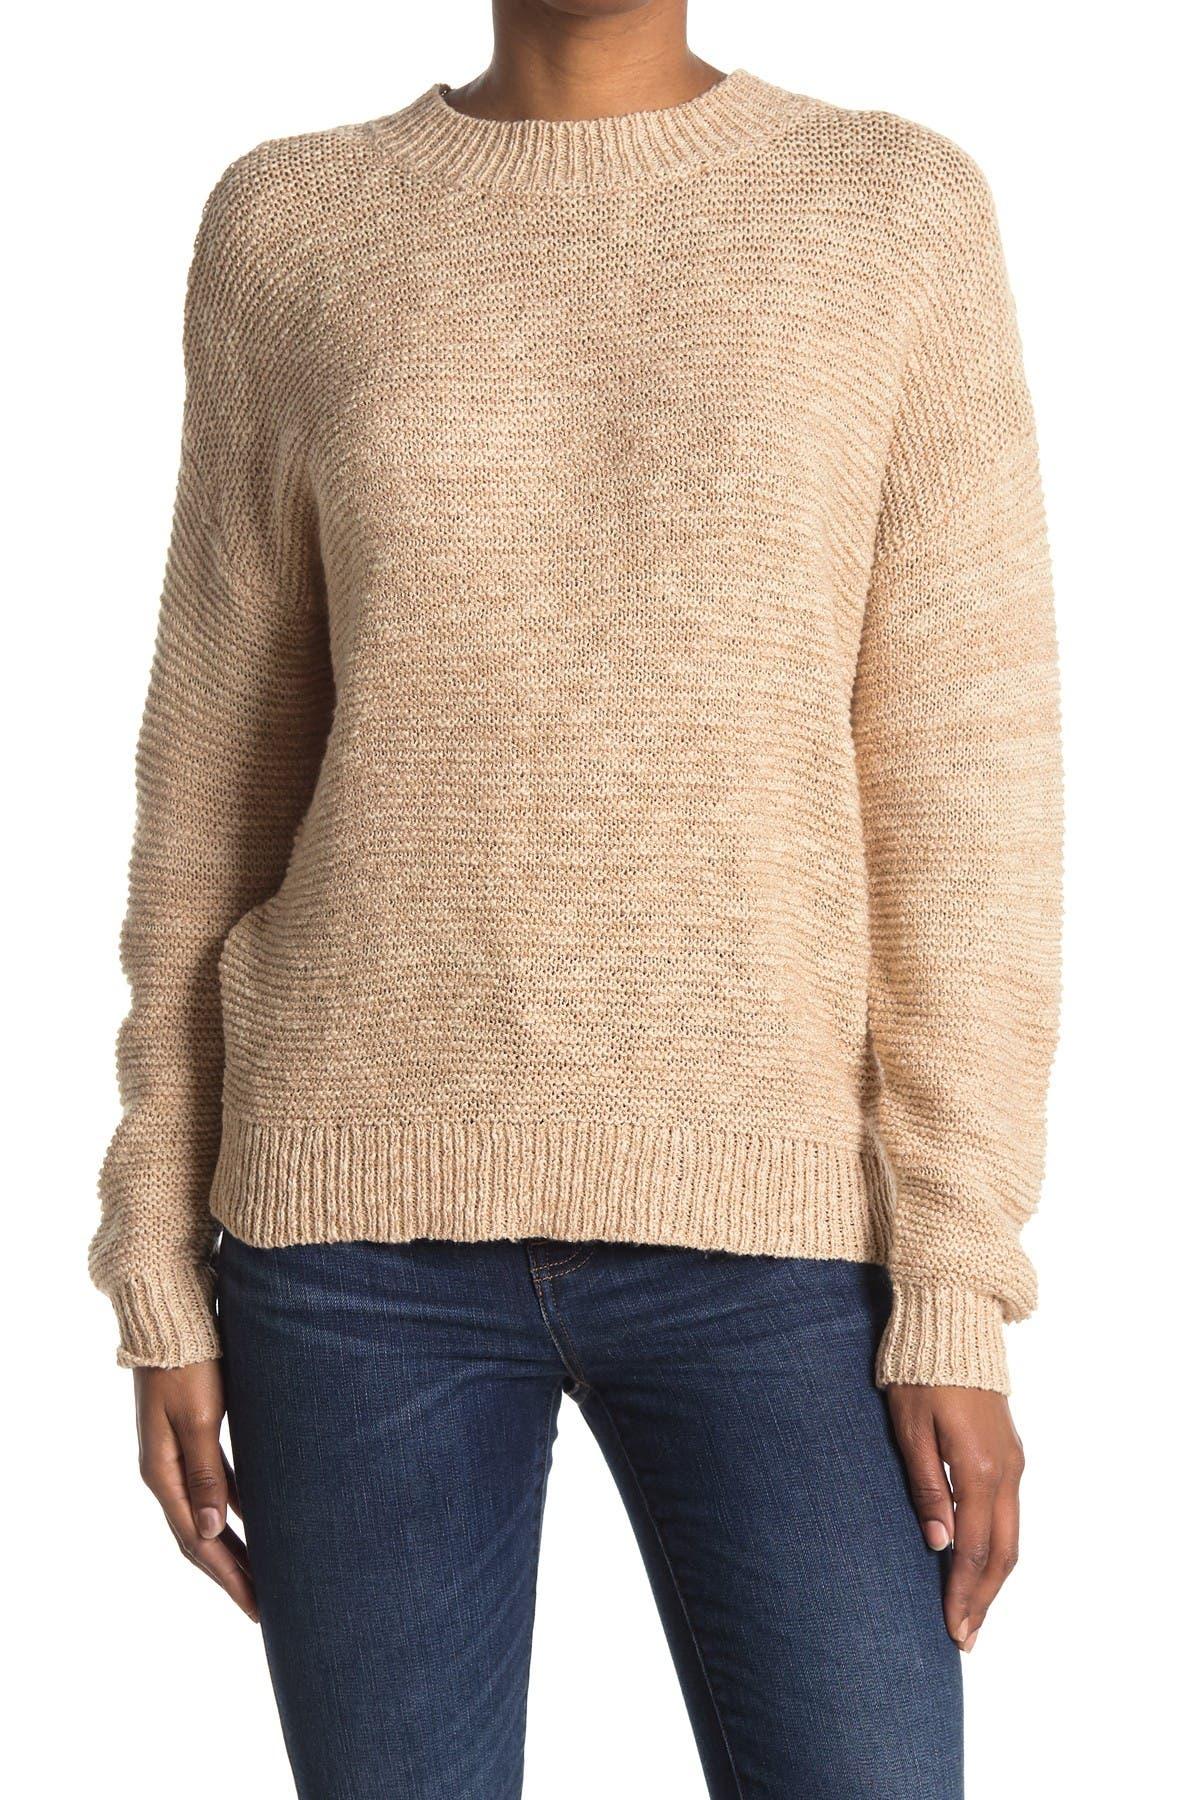 Image of Lush Long Sleeve Crewneck Sweater